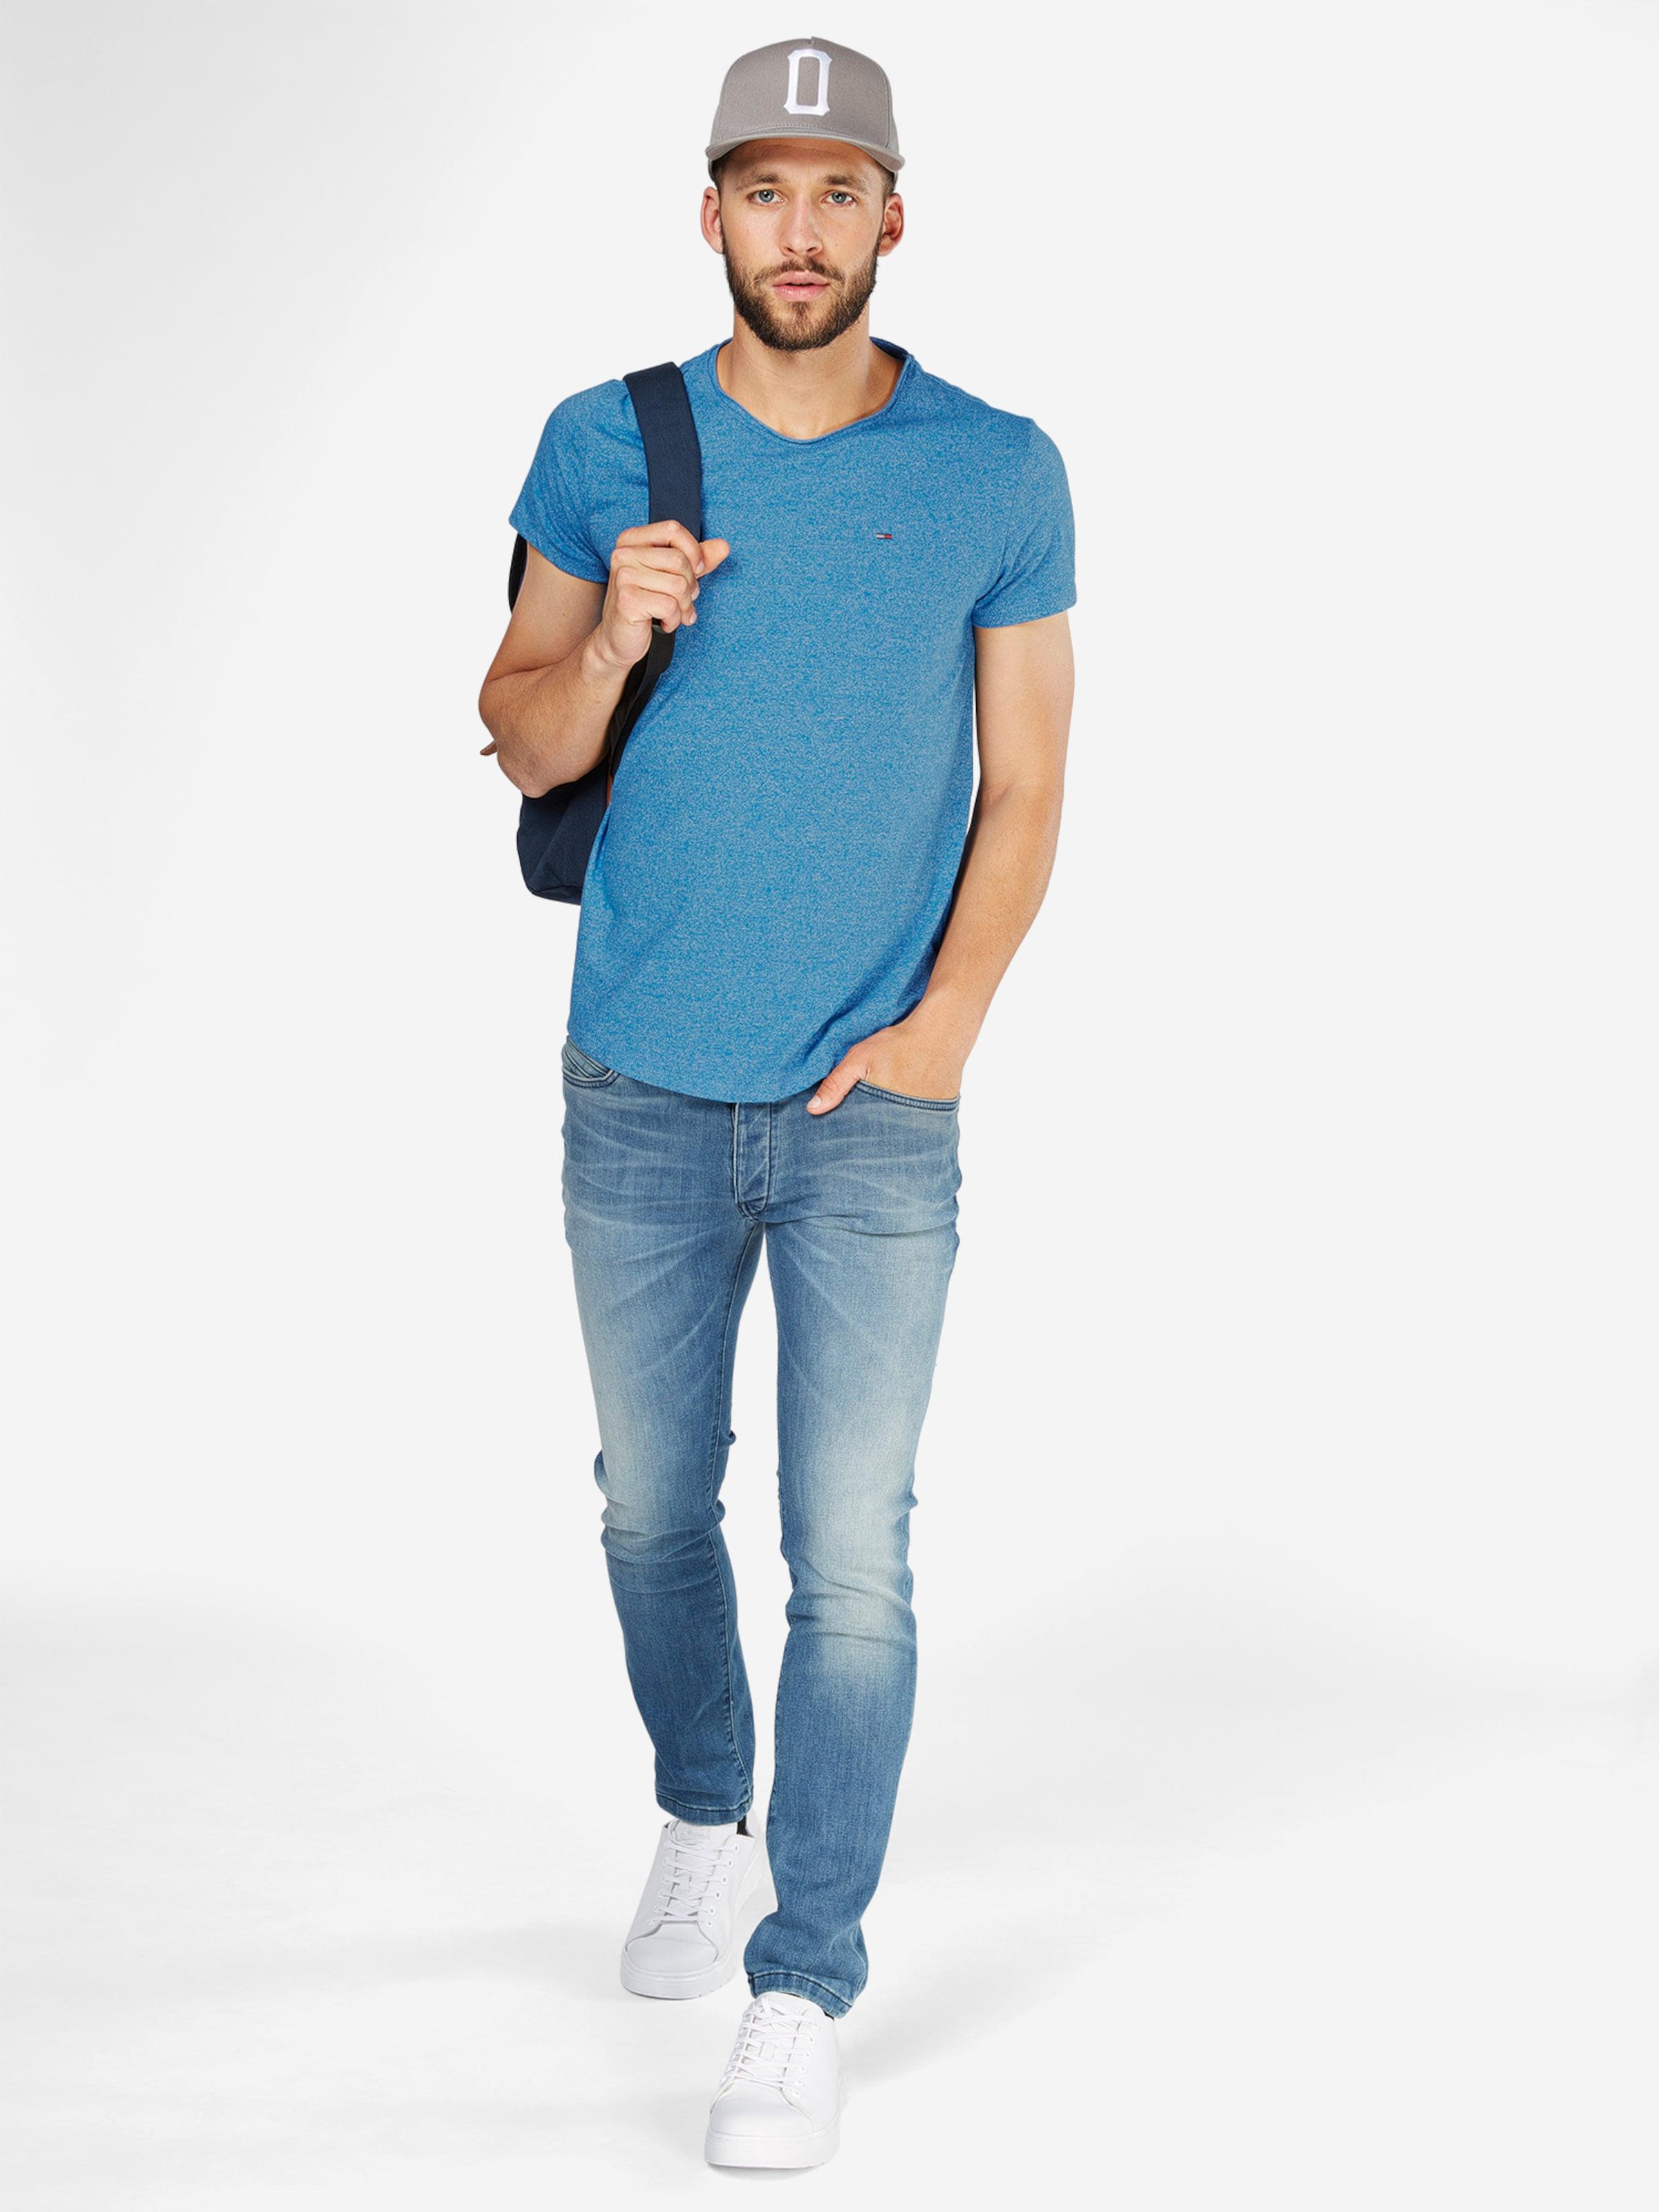 Tommy Jeans T-Shirt in Melange-Design Brandneue Unisex Günstig Online Preise Und Verfügbarkeit Günstiger Preis Steckdose Modische Freies Verschiffen Neuestes jtBXxAnH